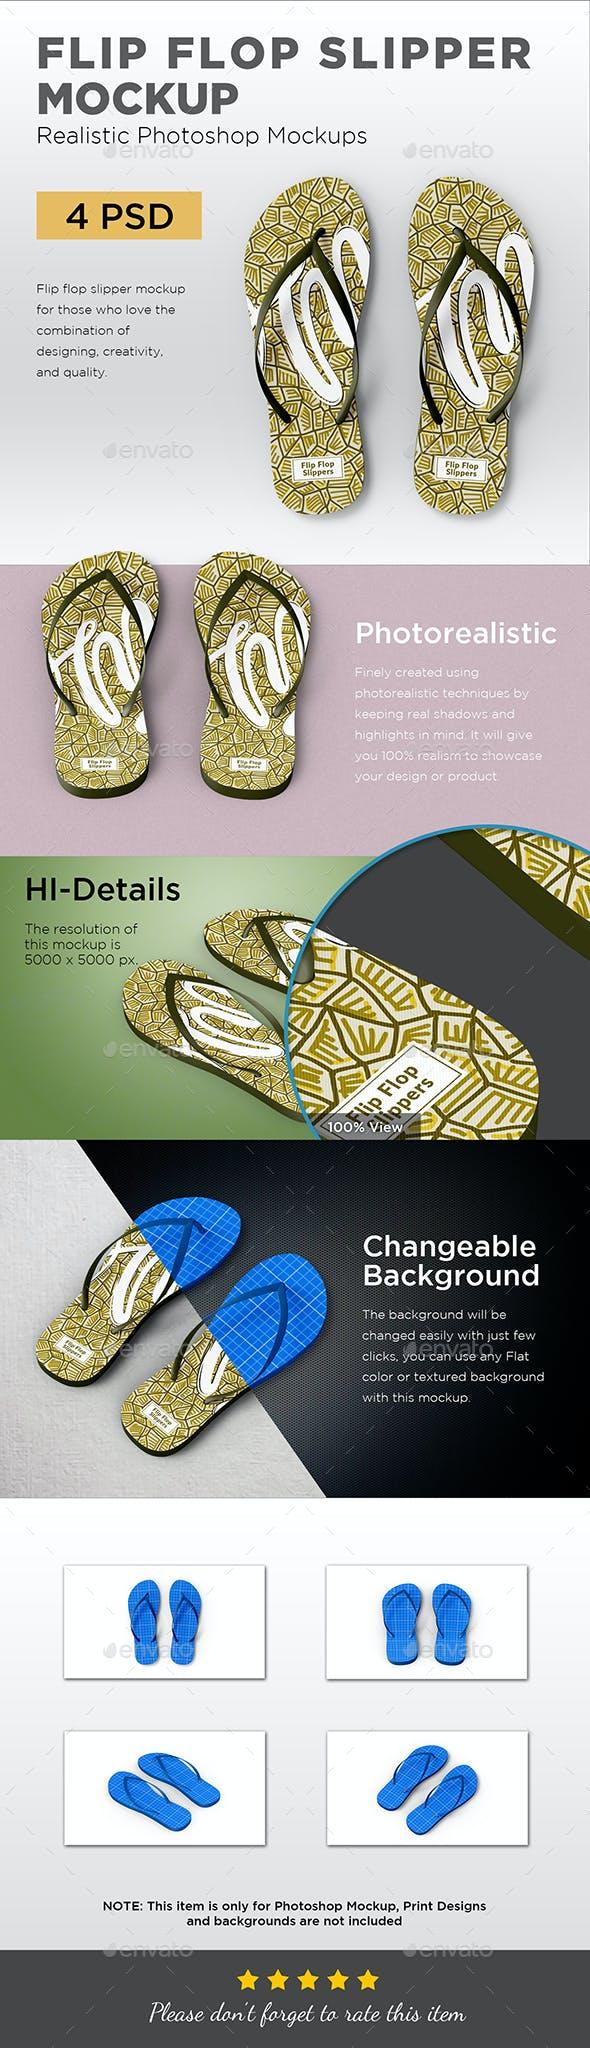 f3a0da073a2d Flip Flop Slipper Mockup by graphicdesigno